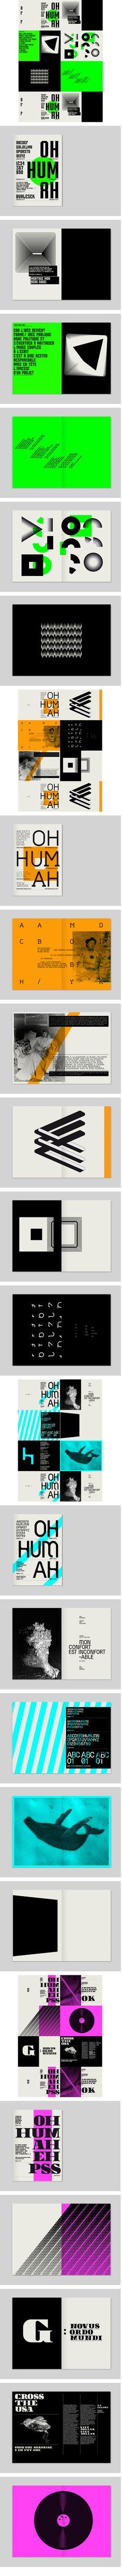 Brochure, Specimen, Font, CARNETS TYPOGRAPHIQUES,  by MY NAME IS WENDY  @Marie-Love Petit: Pour des idées de programme?